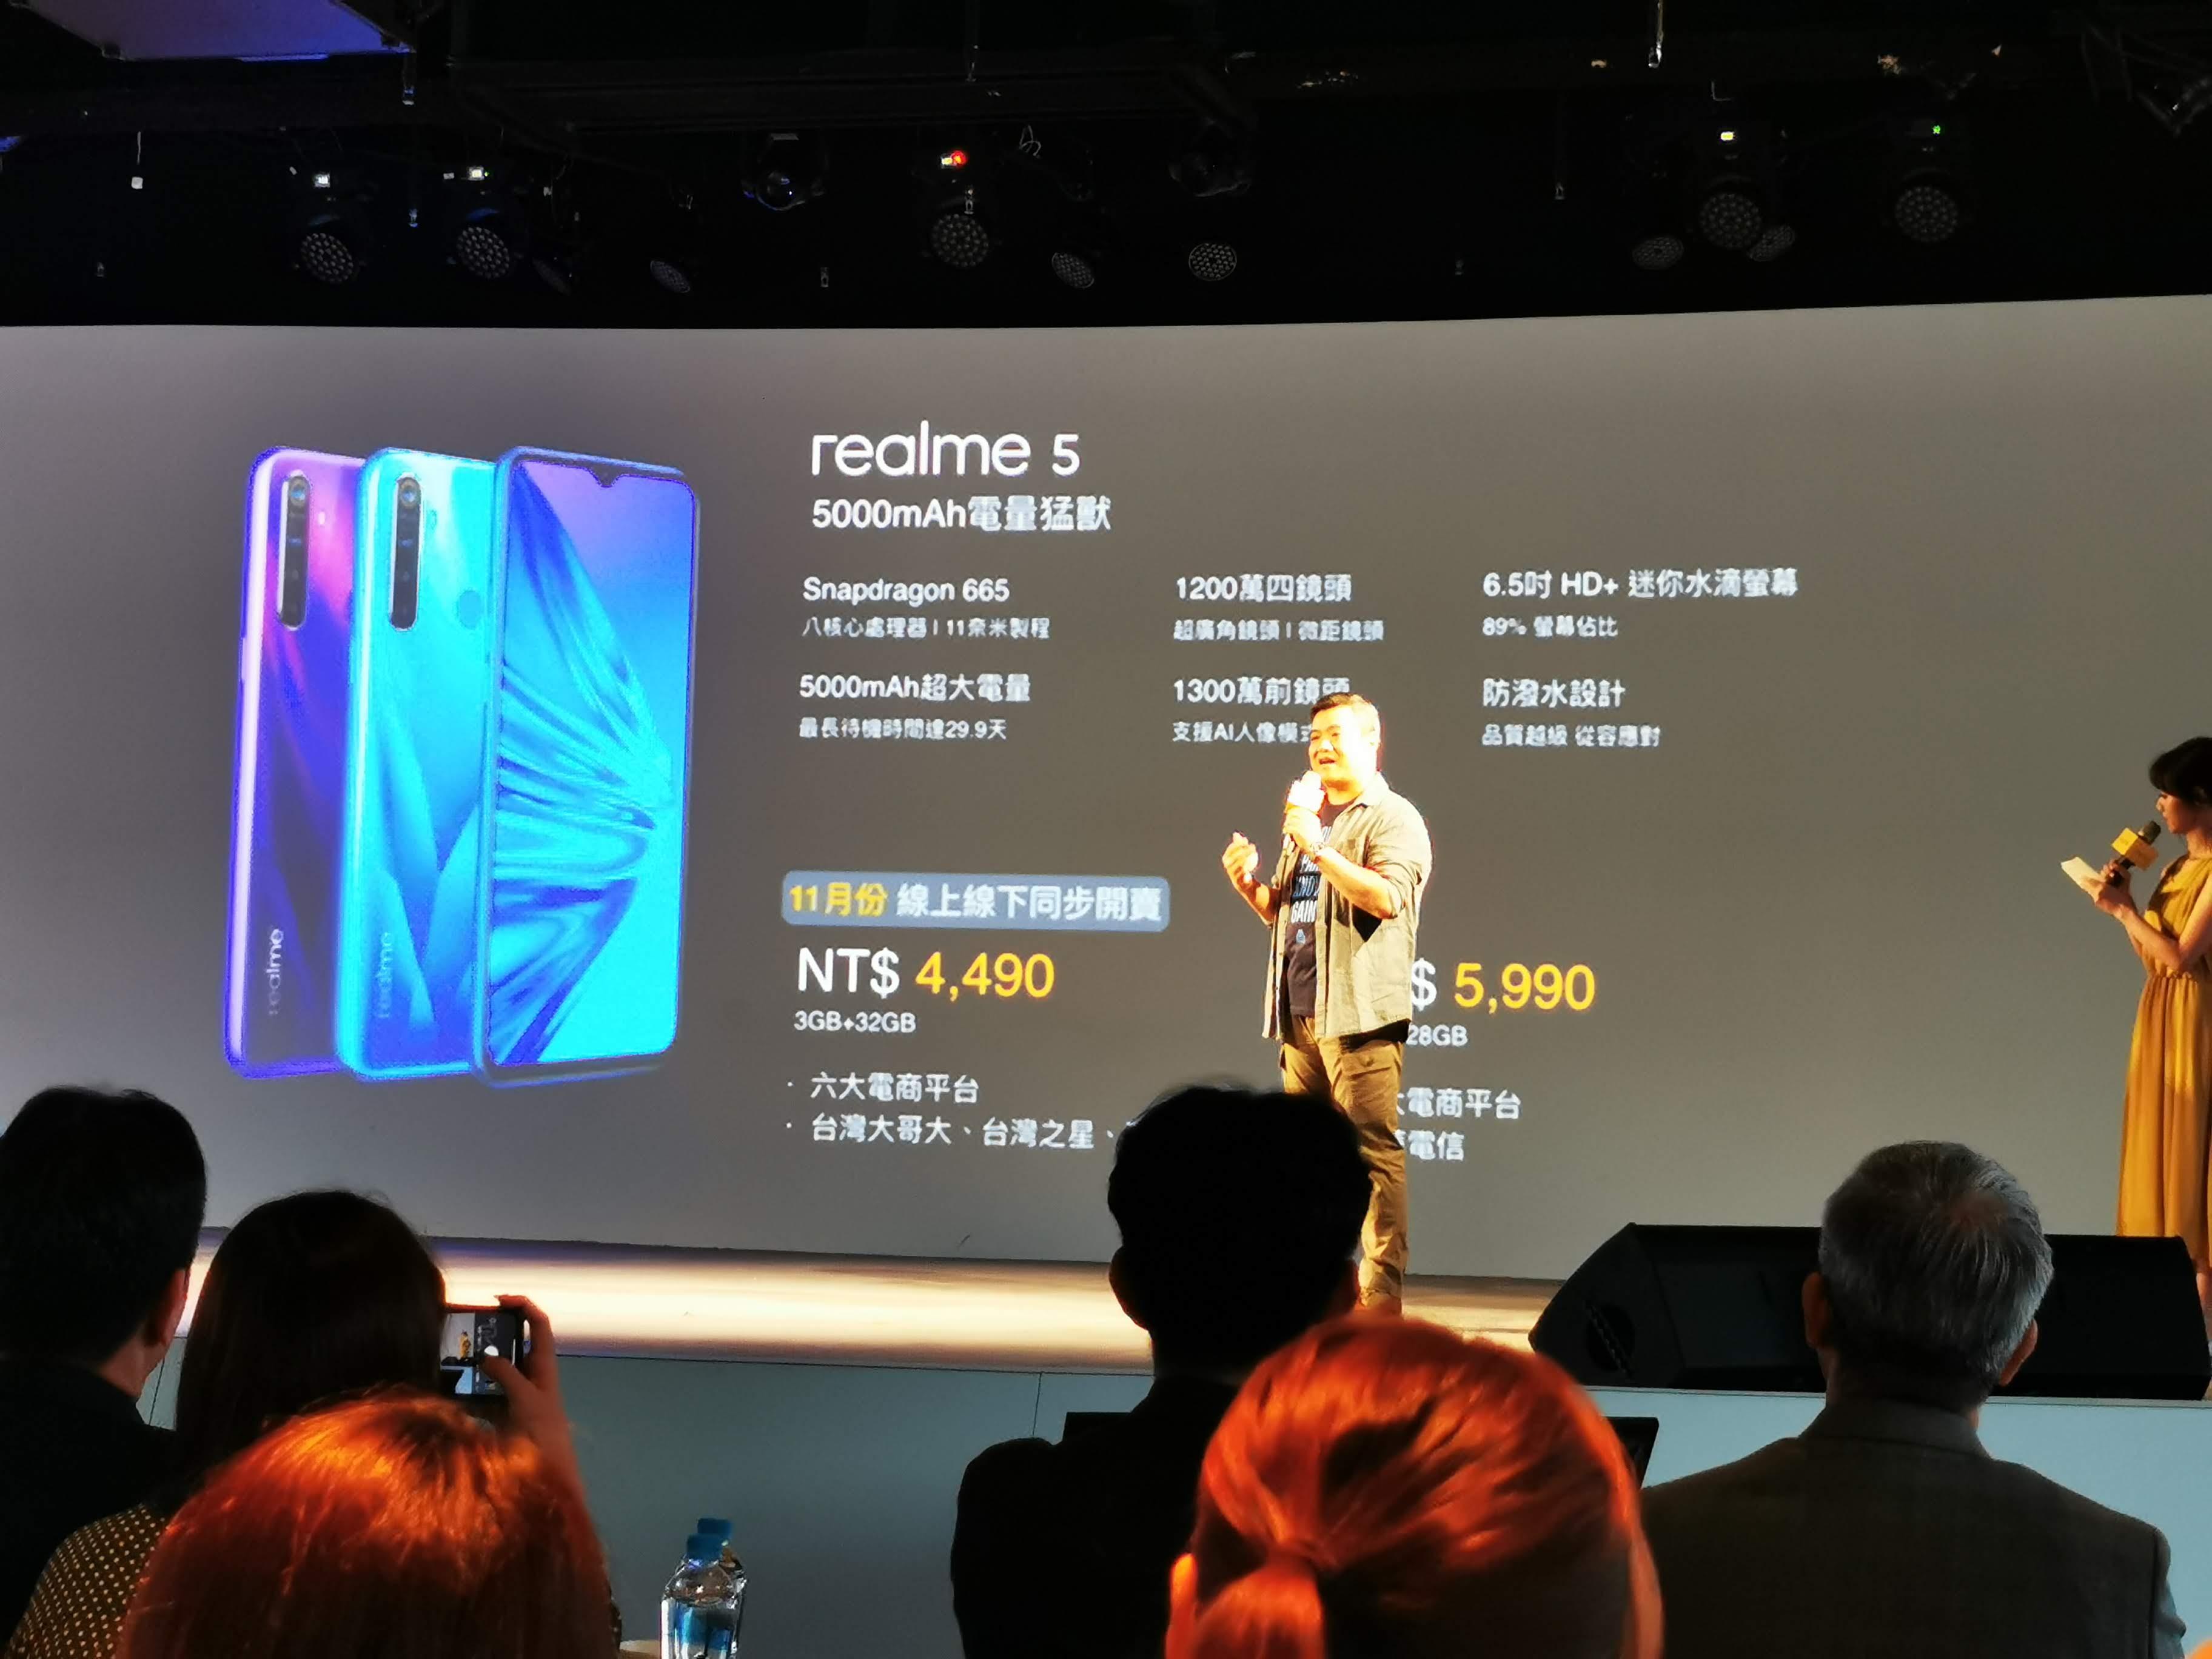 realme 5 提供電晶紫、電晶藍兩色,並推出兩種版本,3+32GB售價4,490元,4+128GB售價5,990元,